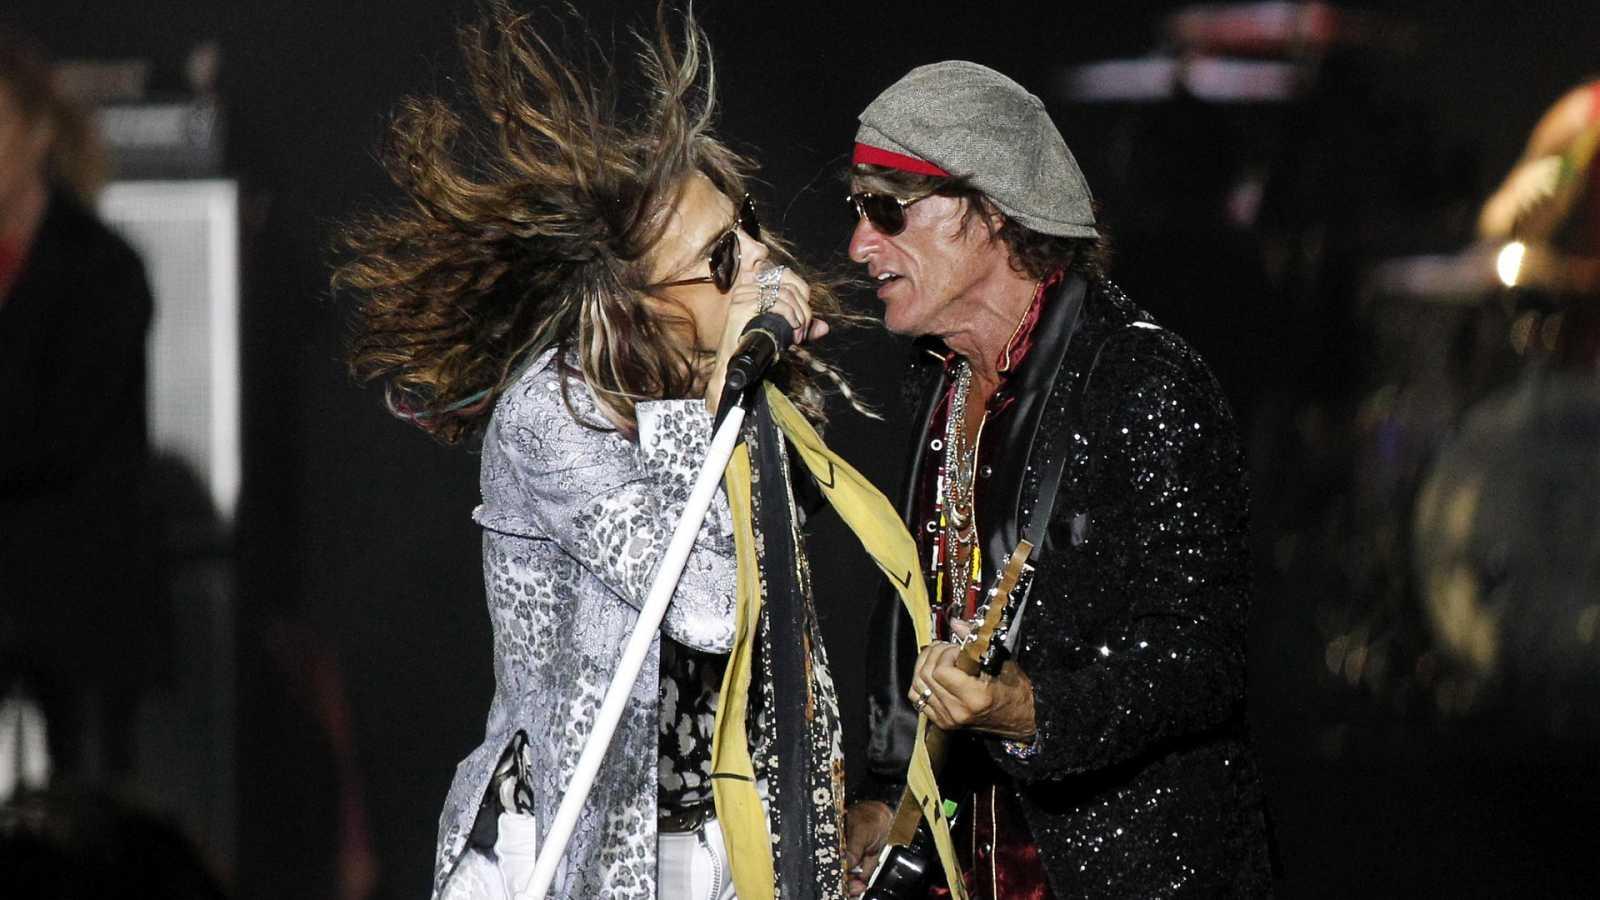 Steven Tyler y Joe Perry (Aerosmith) durante un concierto en Santa Cruz de Tenerife en 2017.